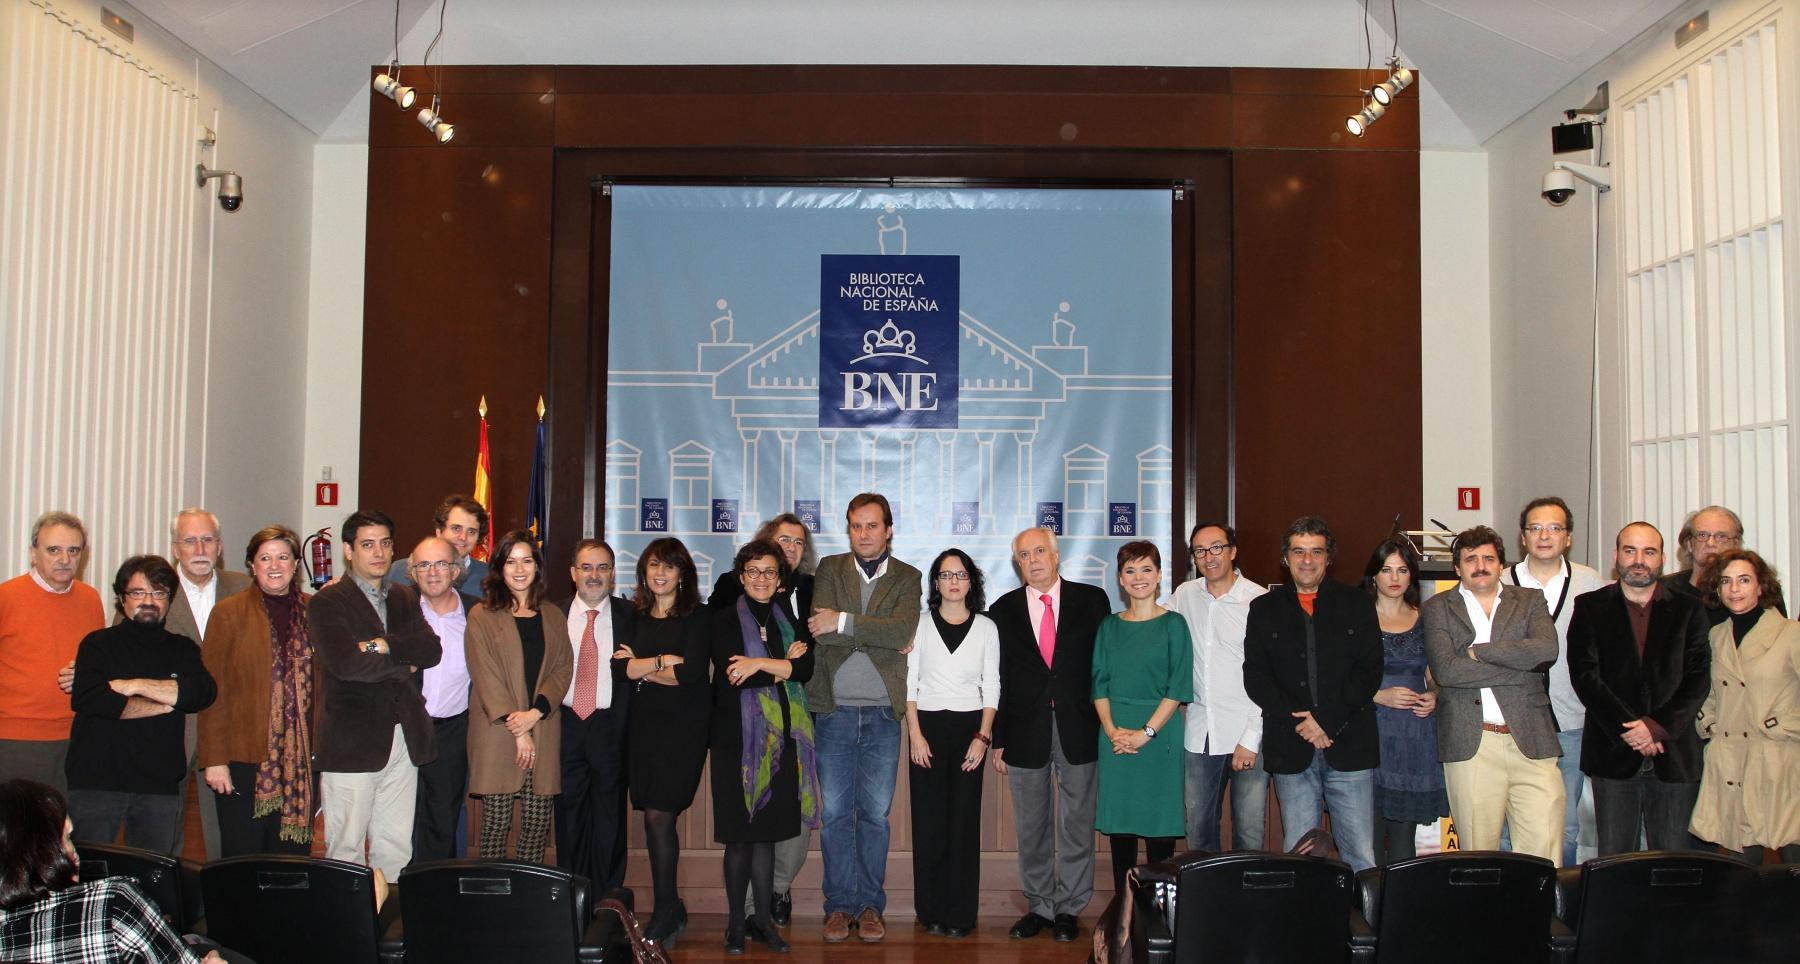 Presentación-El-Día-de-las-Librerías-c-Jaime-Villenueva